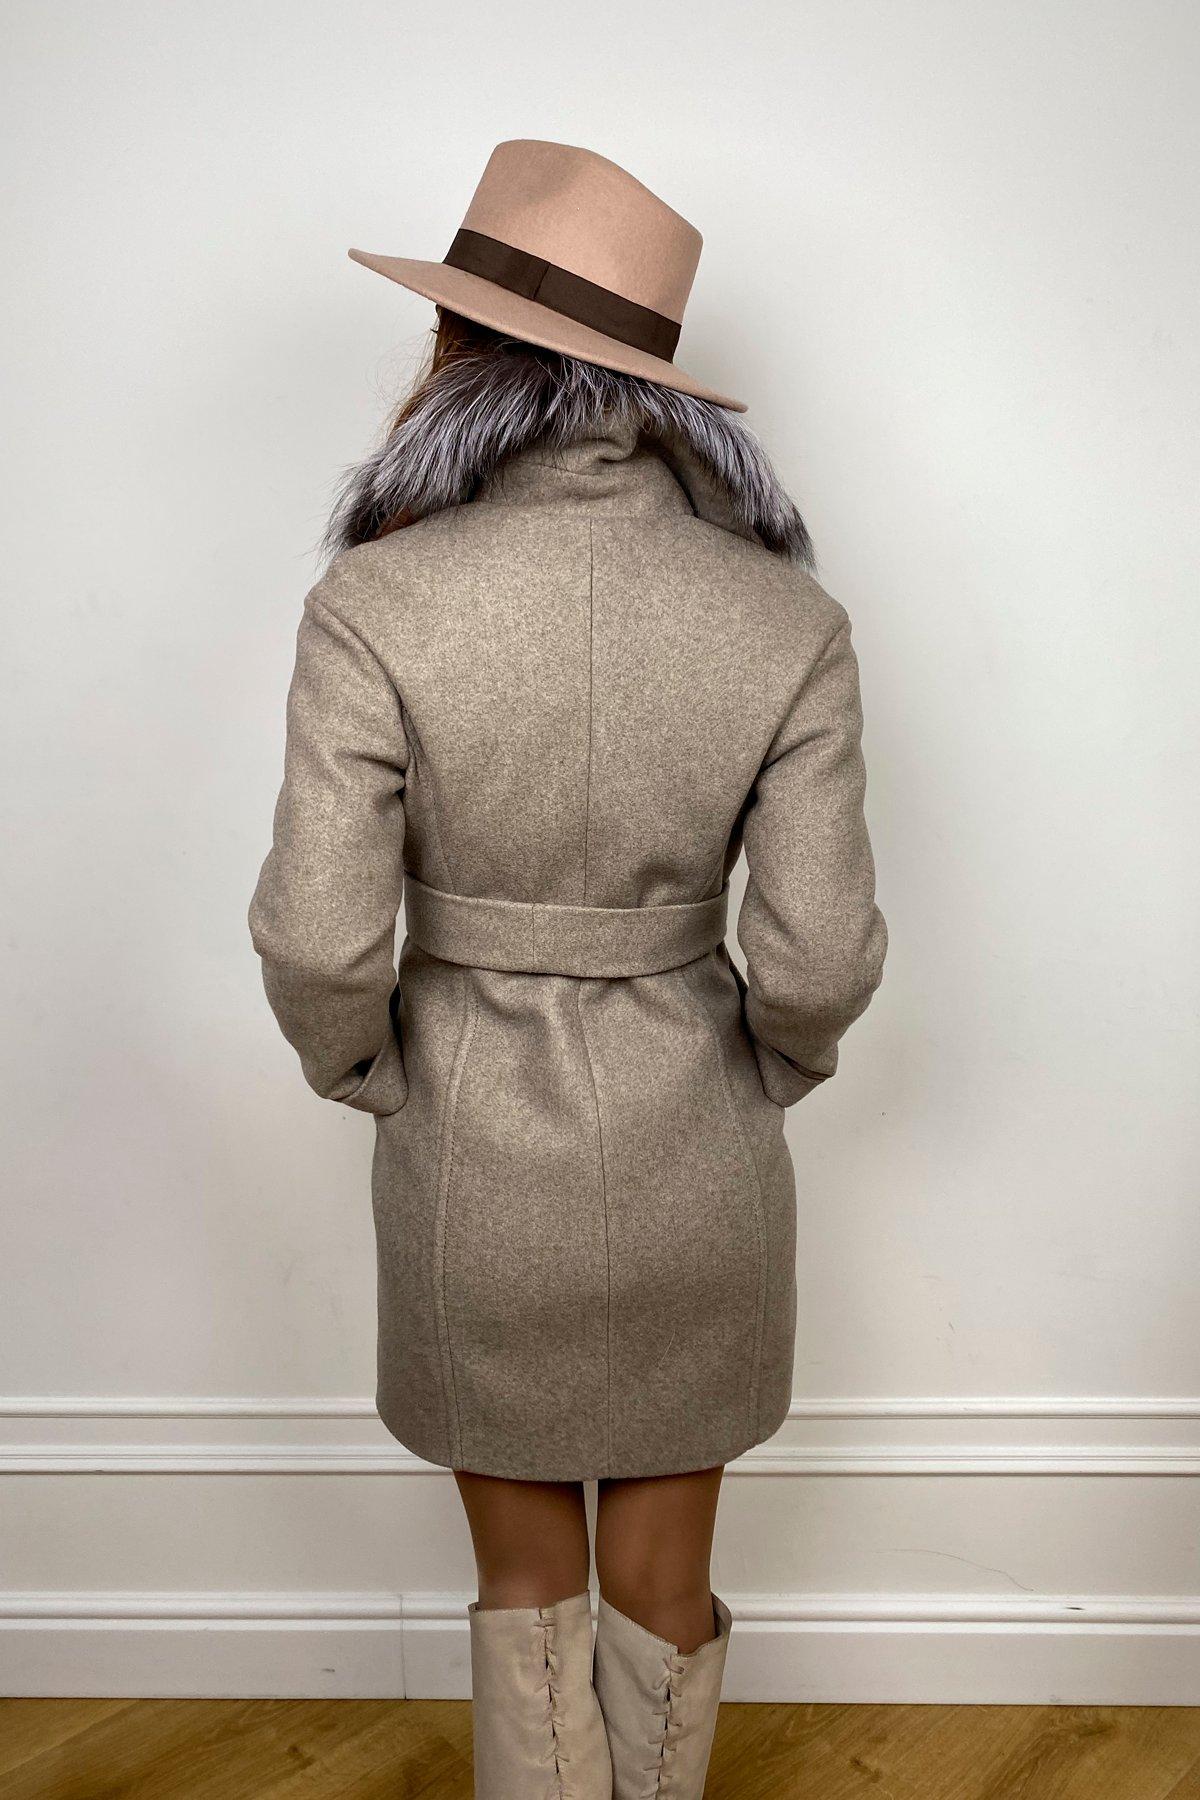 Пальто зима Приора 5668 АРТ. 37883 Цвет: Бежевый 10 - фото 2, интернет магазин tm-modus.ru